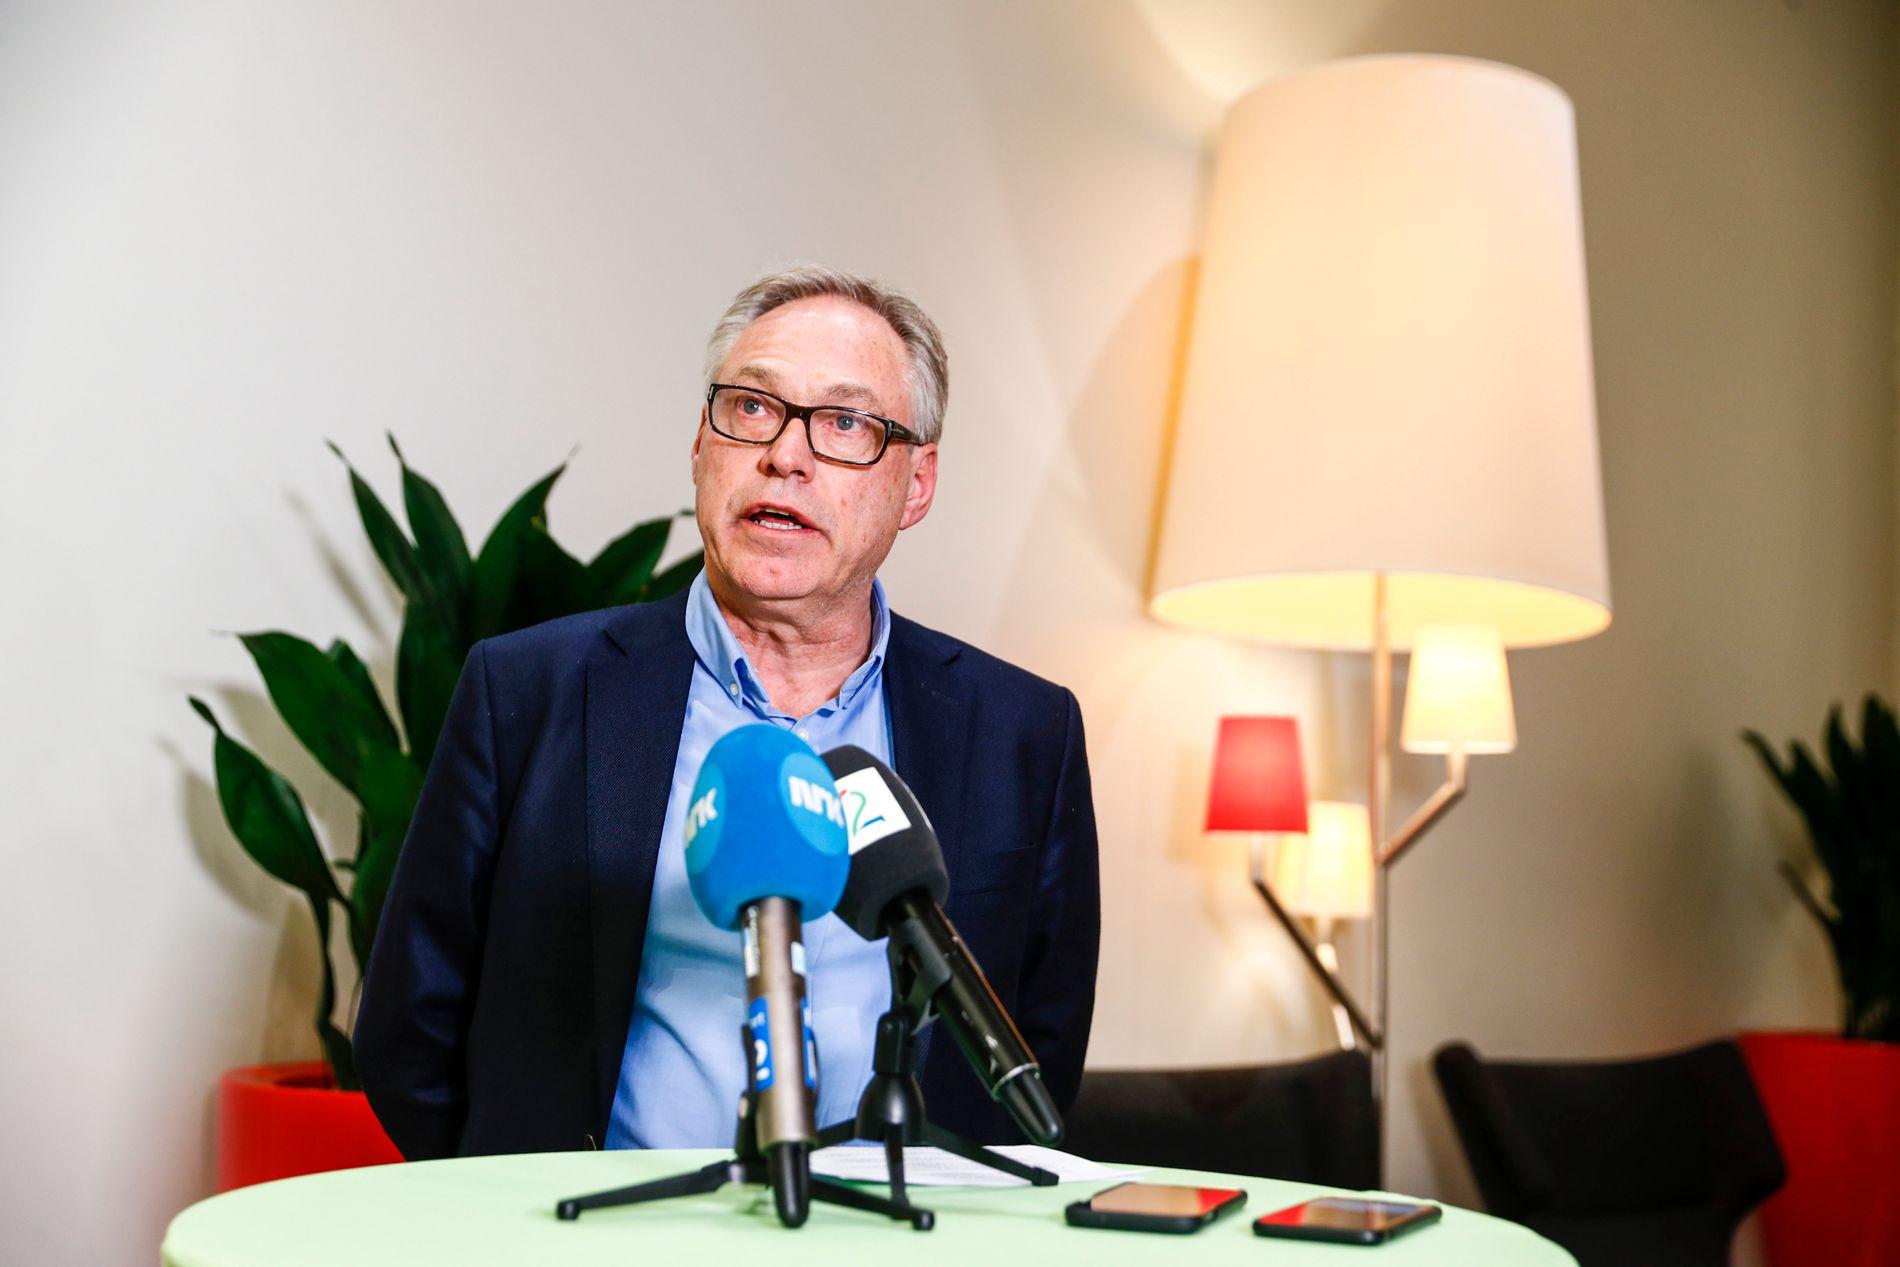 SATT PÅ ALLE SIDER AV BORDET: Harald Tiedemann Hansen er anmeldt for fem brudd på idrettens regler. Han var sykkelpresident i NCF, daglig leder i Bergen 2017 og UCI-styremedlem. VM endte i økonomisk katastrofe.